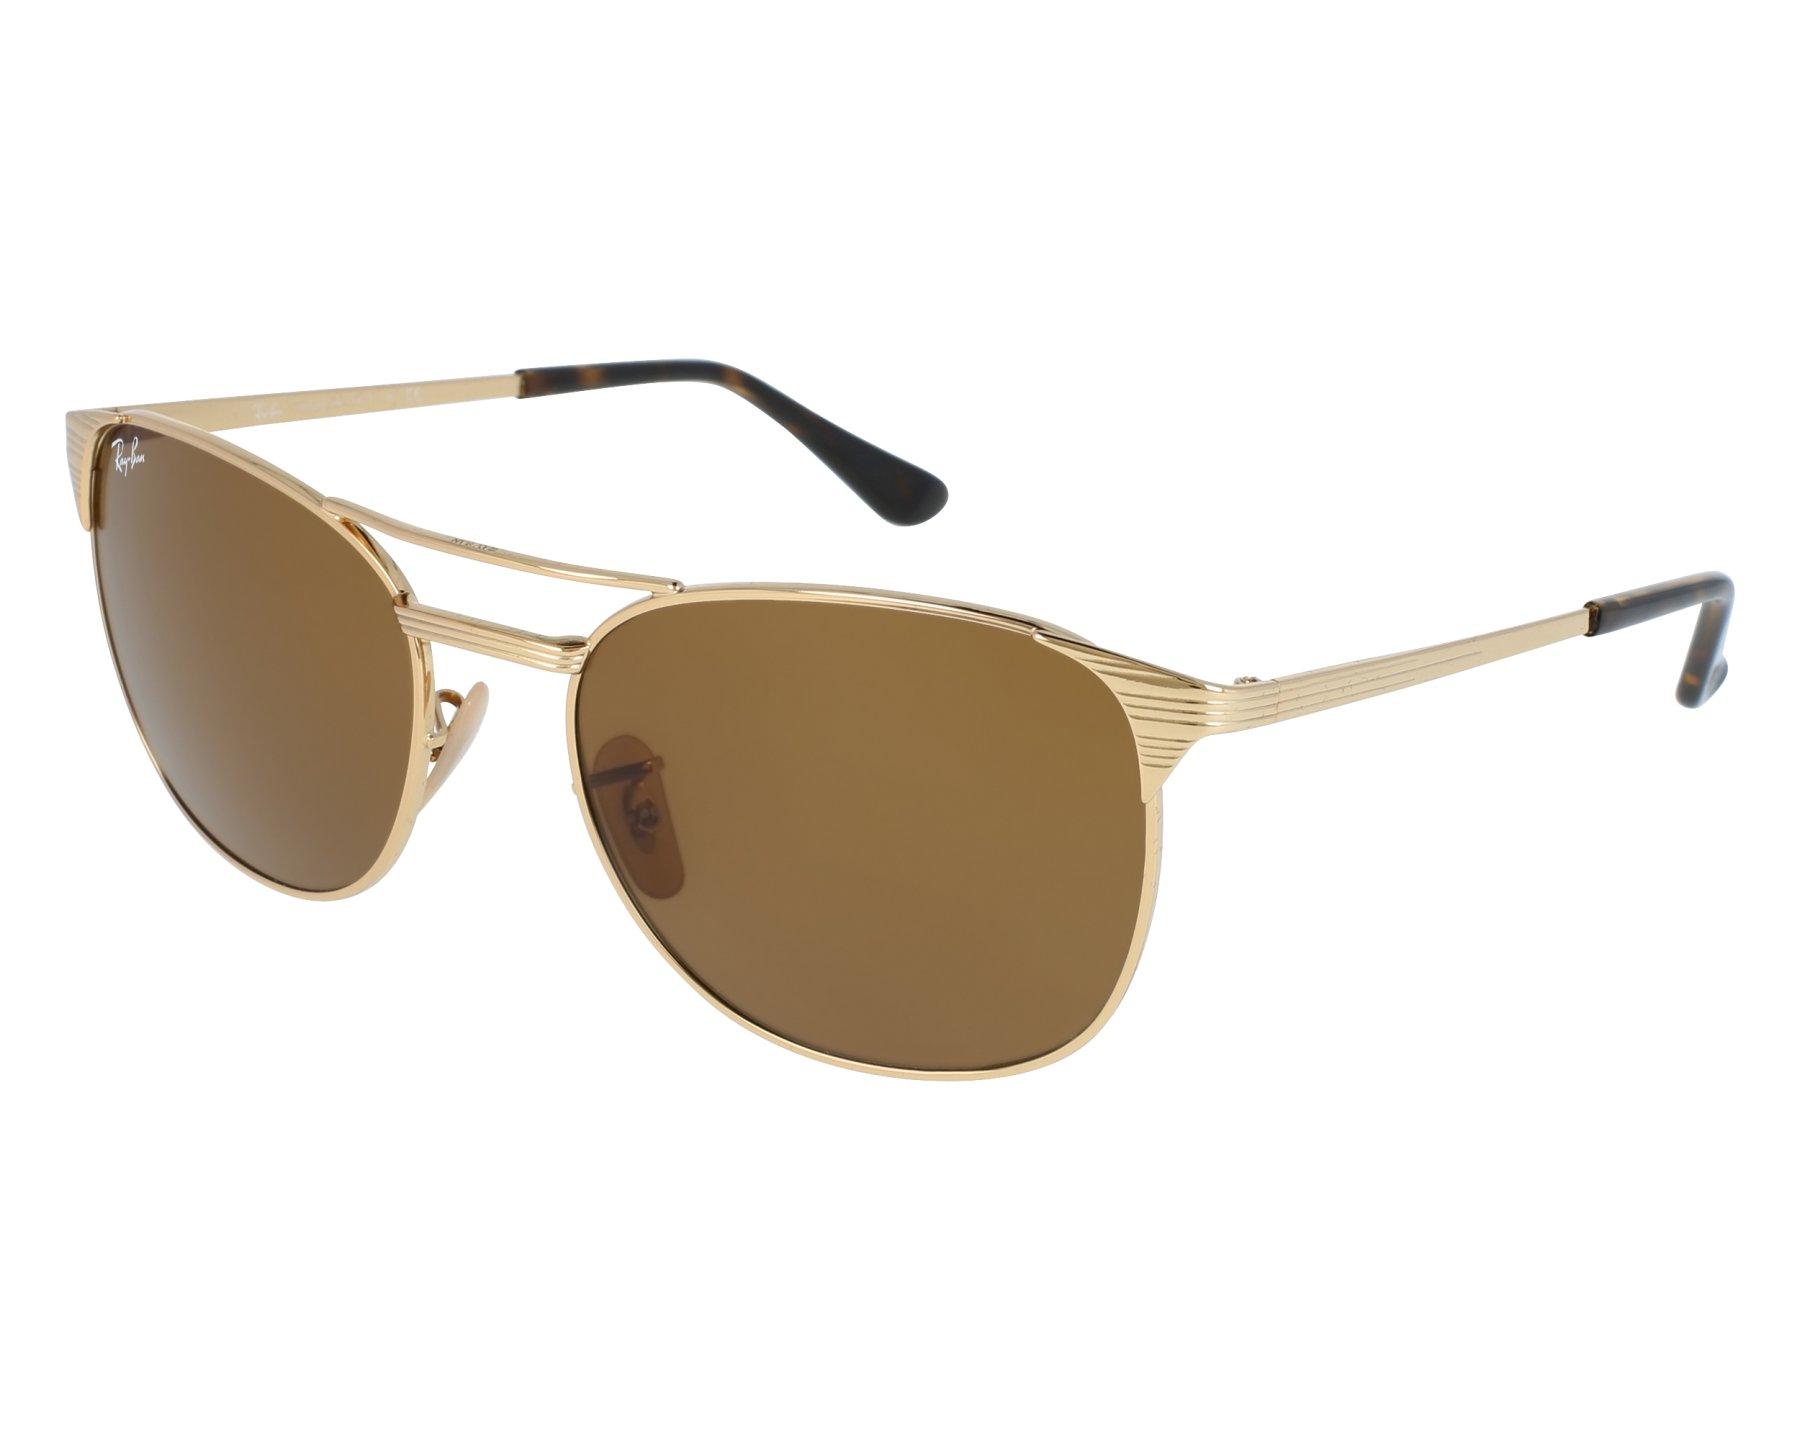 c7f9c35f03b Sunglasses Ray-Ban RB-3429-M 001 33 58-19 Gold